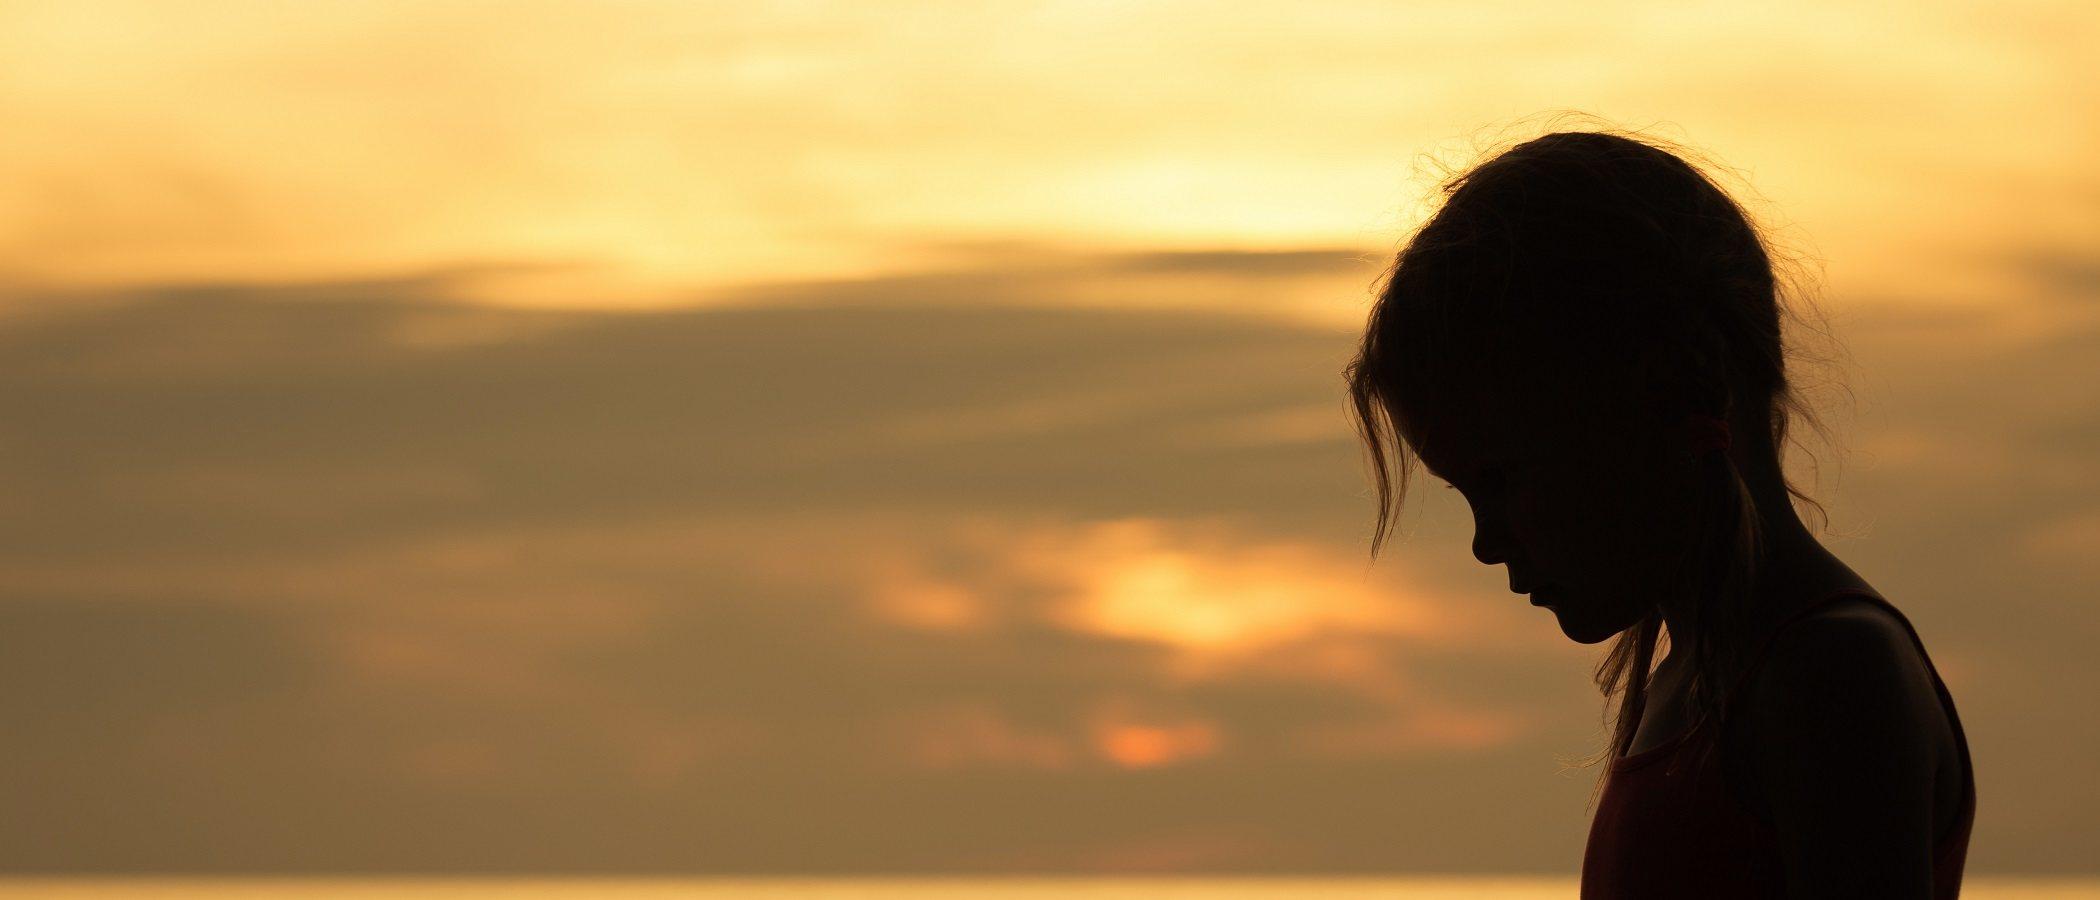 ¿Te acusan de abuso infantil y es mentira? Qué puedes hacer al respecto